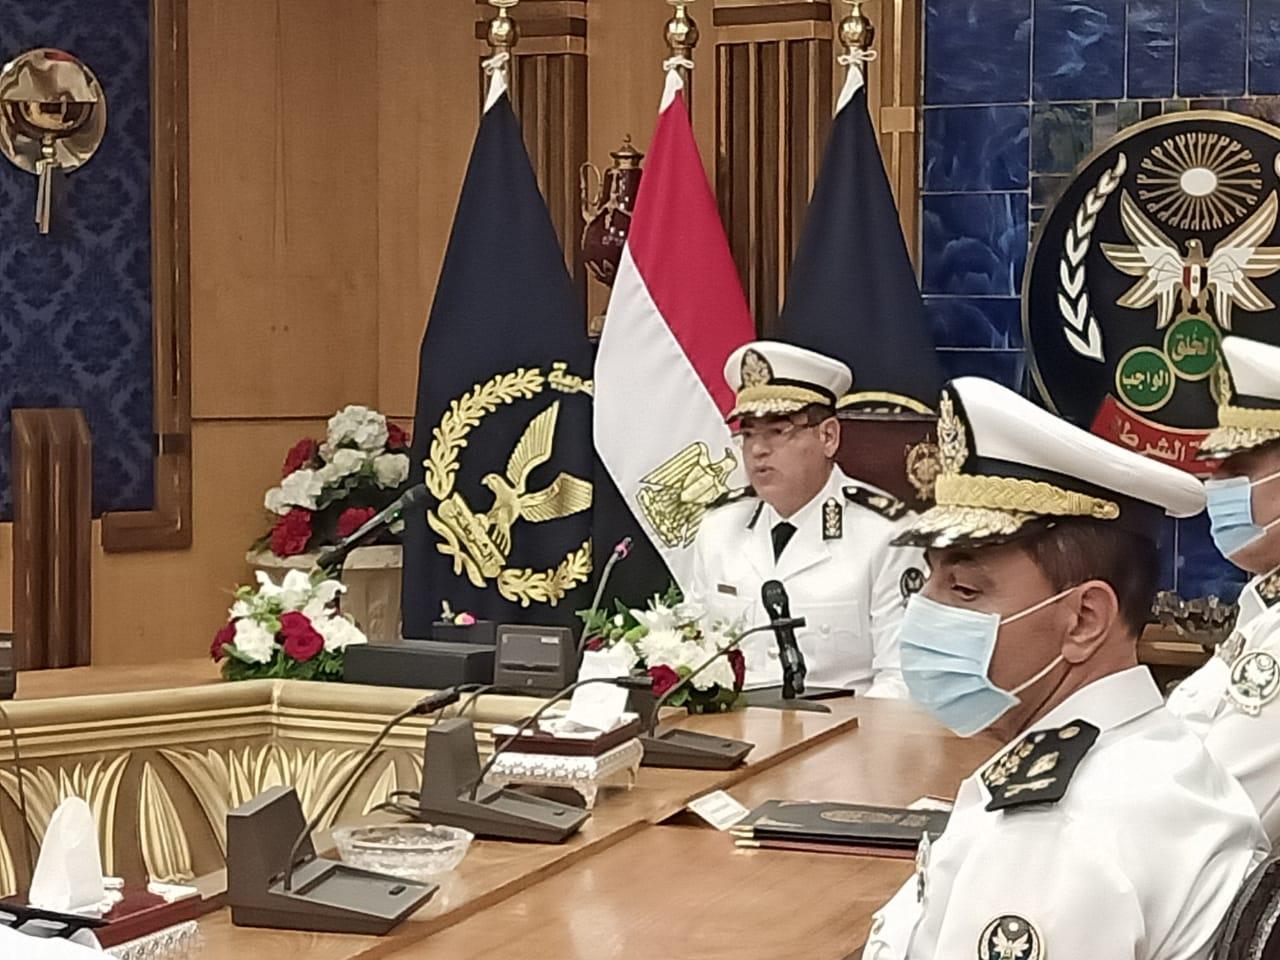 اللواء أحمد إبراهيم مساعد وزير الداخلية رئيس أكاديمية الشرطة